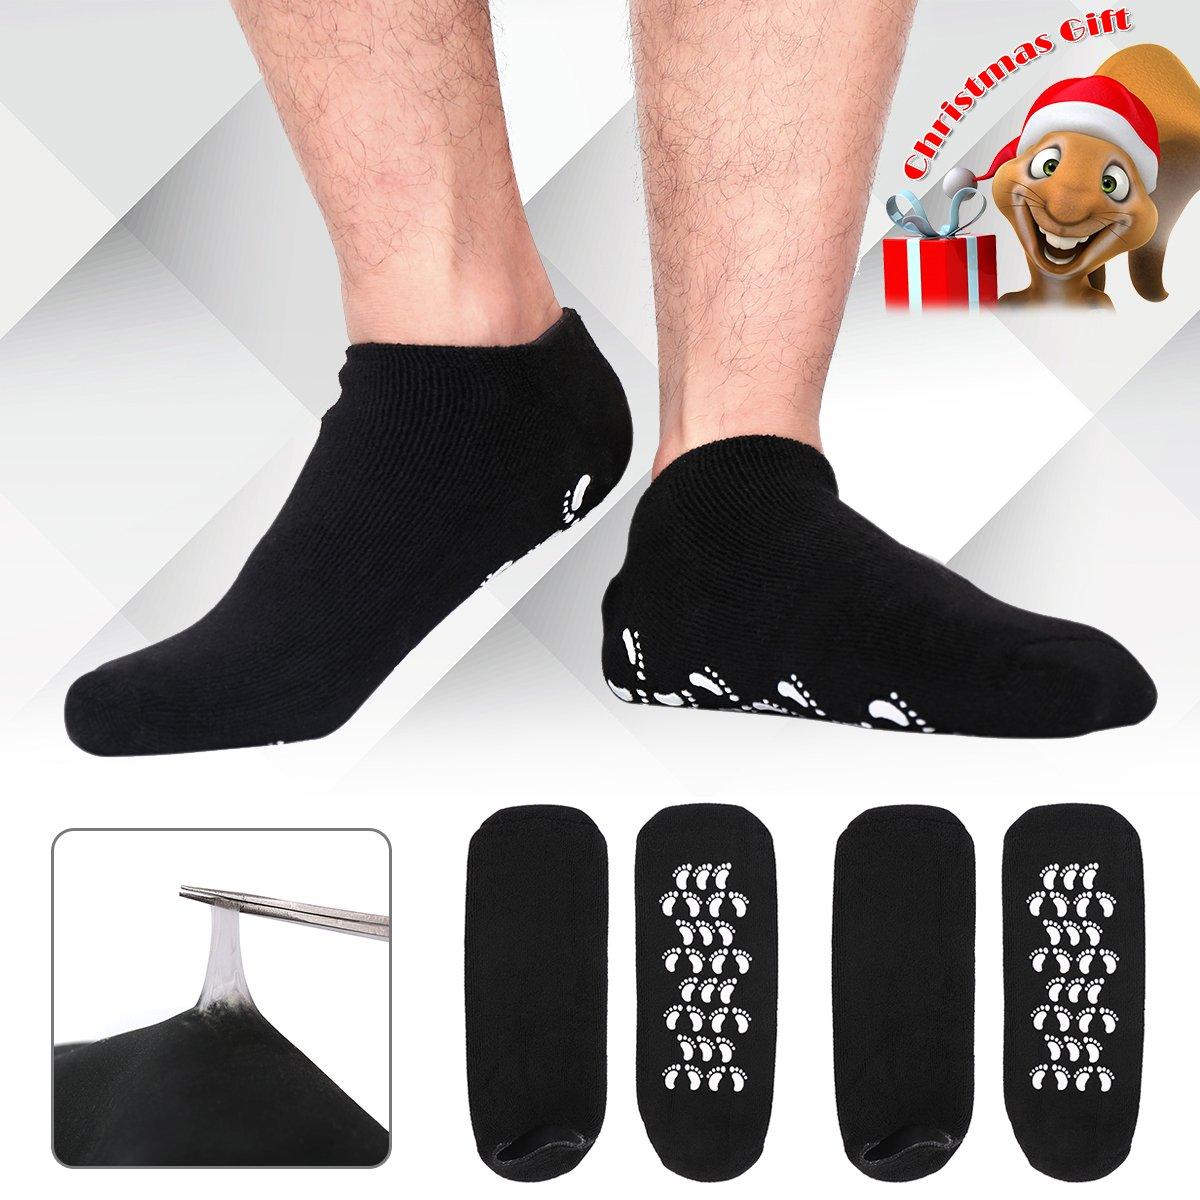 Christmas Gifts for Men, Happon Large Men's Moisturizing Gel Socks Men's Feet Care Ultimate Treatment for Dry Cracked Rough Skin on Feet Pack of 2 Pairs Black US Men 10-15